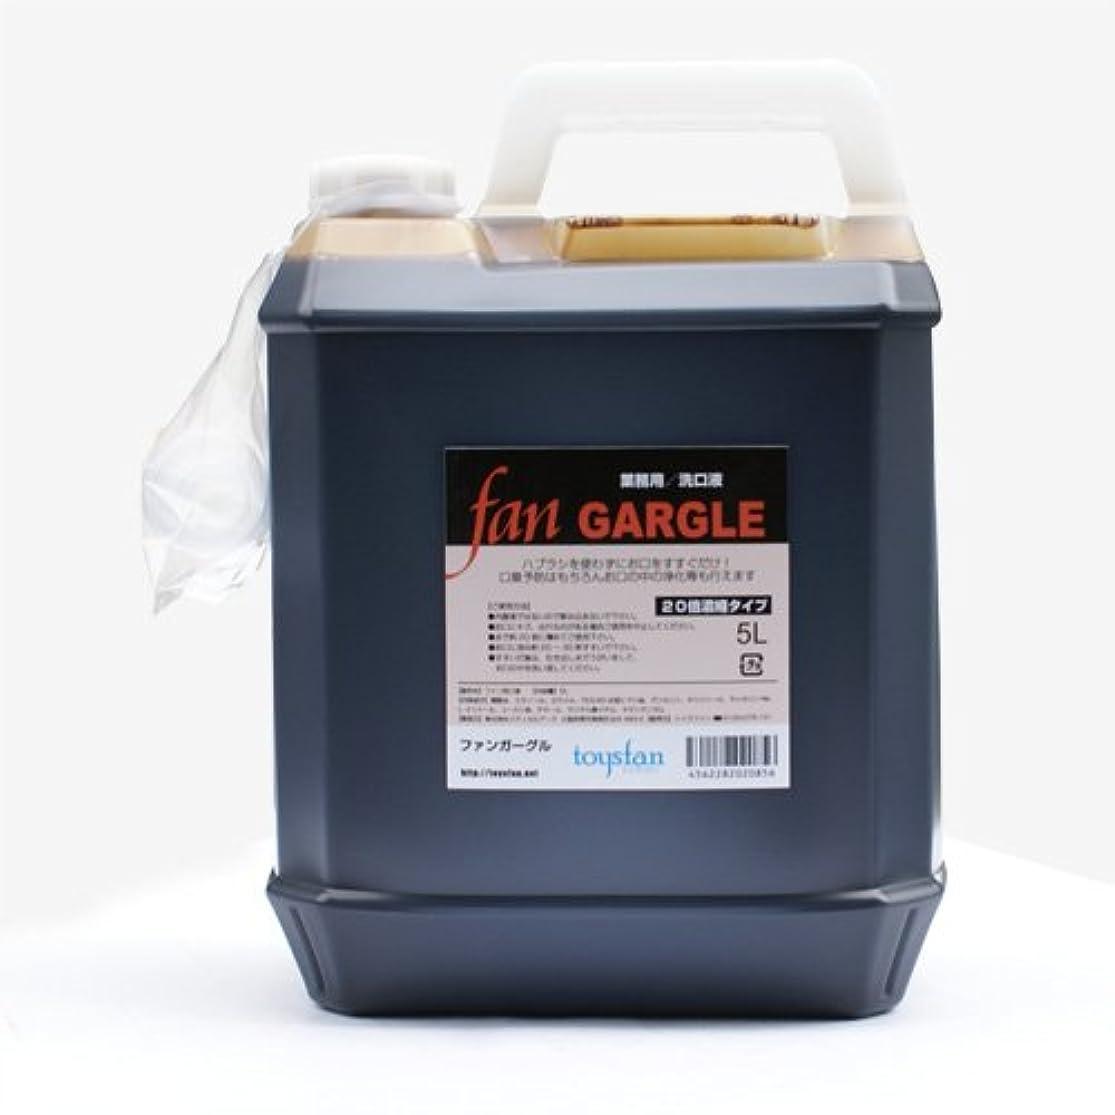 焦げ永続解明するファンガーグル 5L(20倍濃縮)業務用洗口液